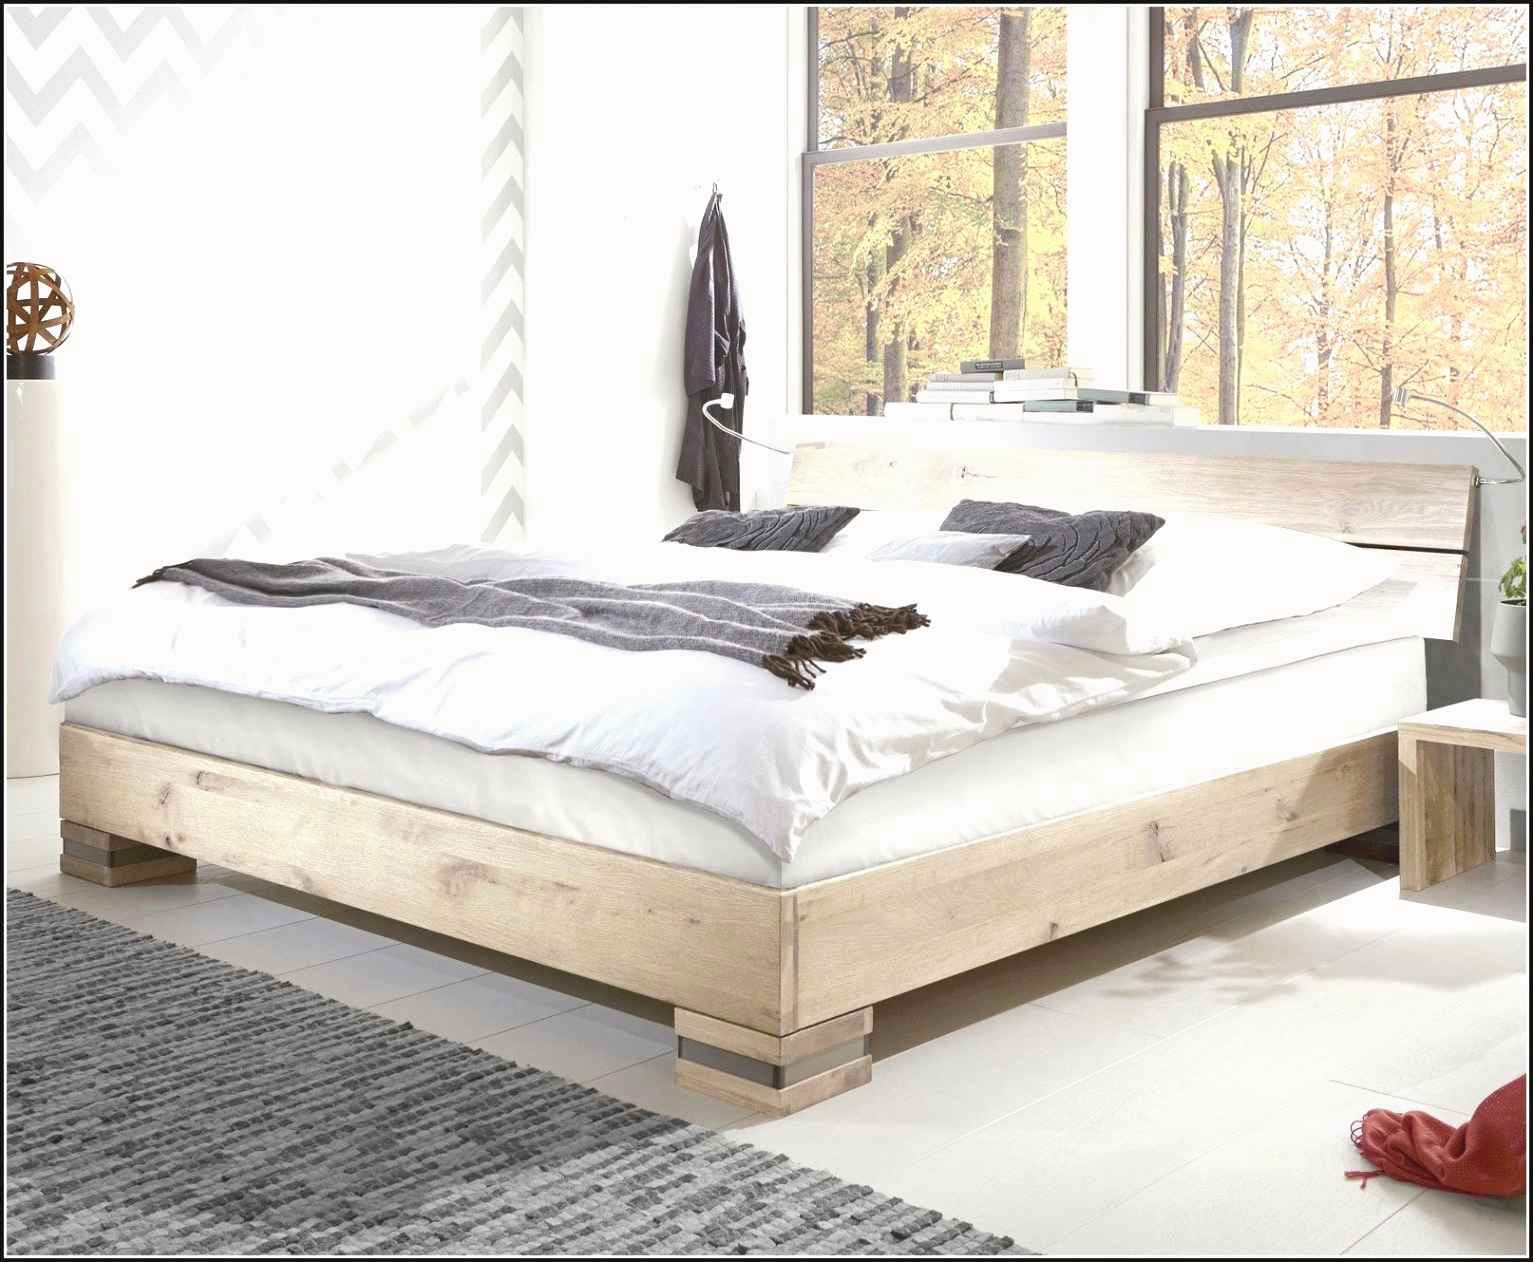 Full Size of Luxus Bett Amazon Betten Tagesdecken Für 120 Vintage Holz Günstige 140x200 Rückwand 180x200 Komplett Mit Lattenrost Und Matratze Wildeiche Stauraum Outlet Bett Luxus Bett